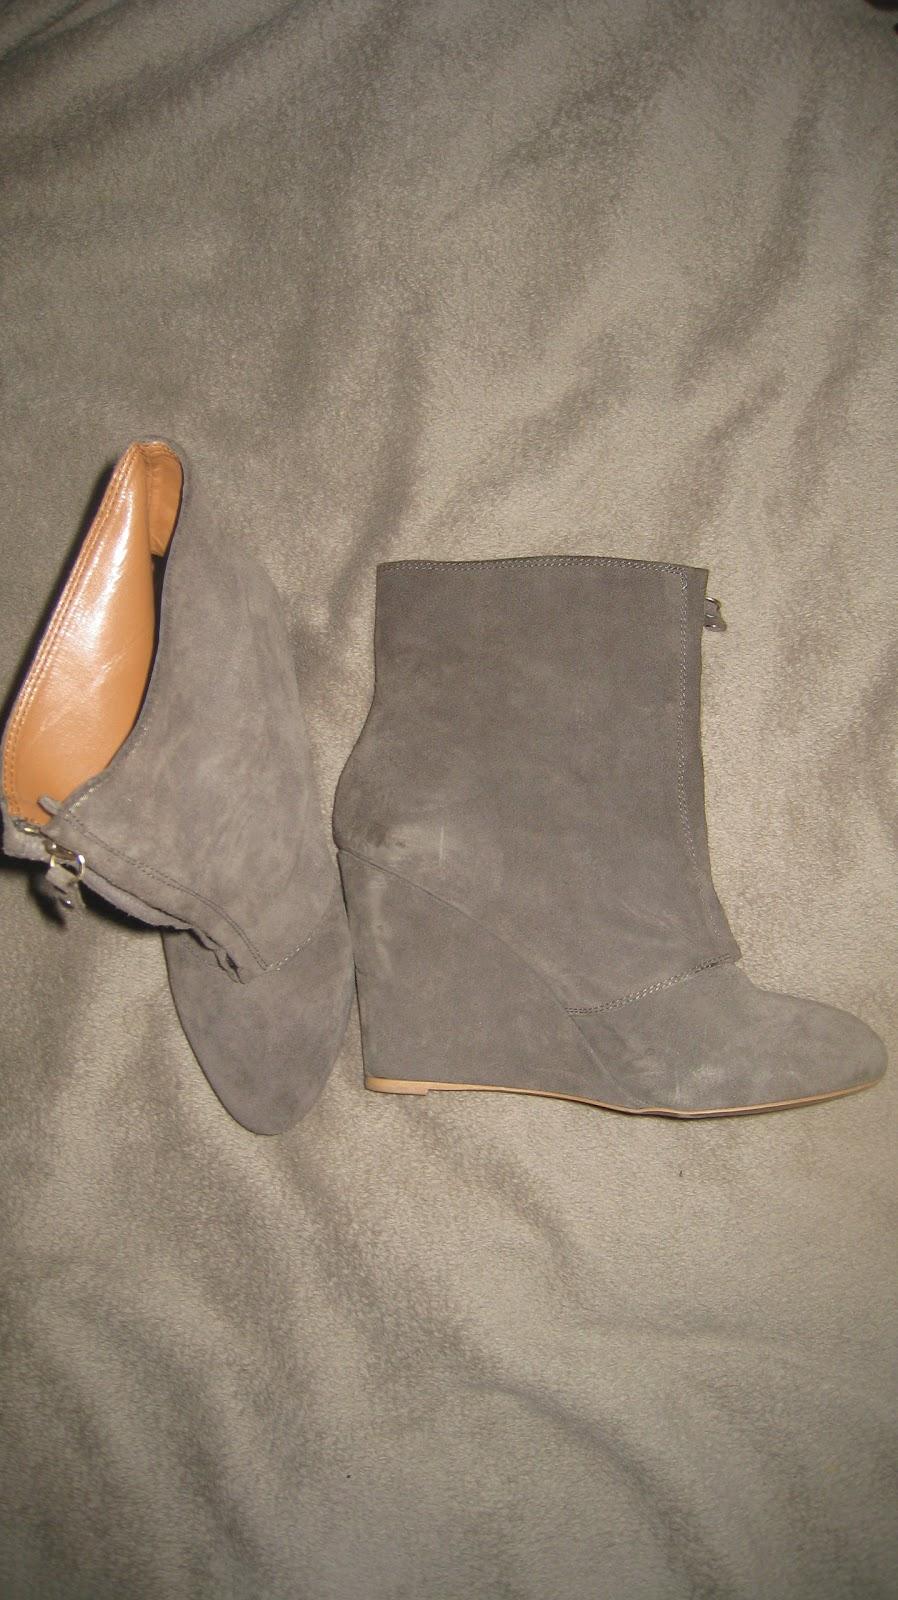 Mon vide dressing en ligne chaussures compens es zara for Mon dressing en ligne